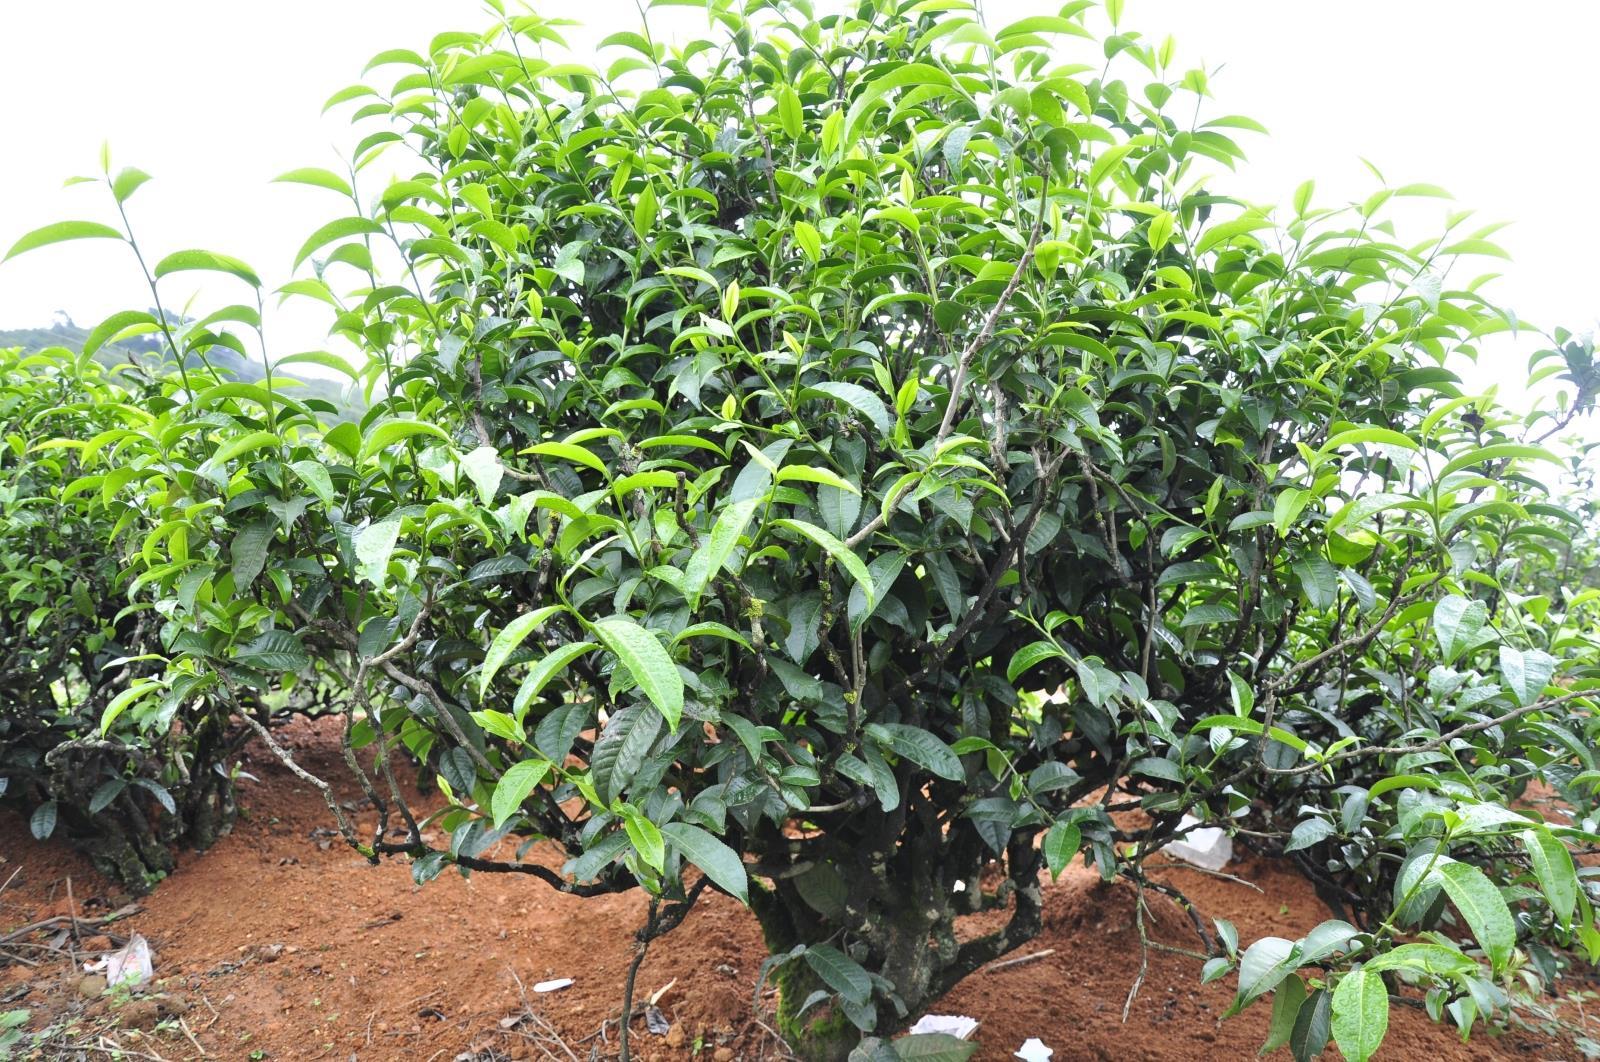 Одинаковый музыка пред- продавать 17 год Мэн склад западный половина гора короткая из тип древний дерево чай весна чай генерал Er сырье чай рот смысл подойдя лед остров